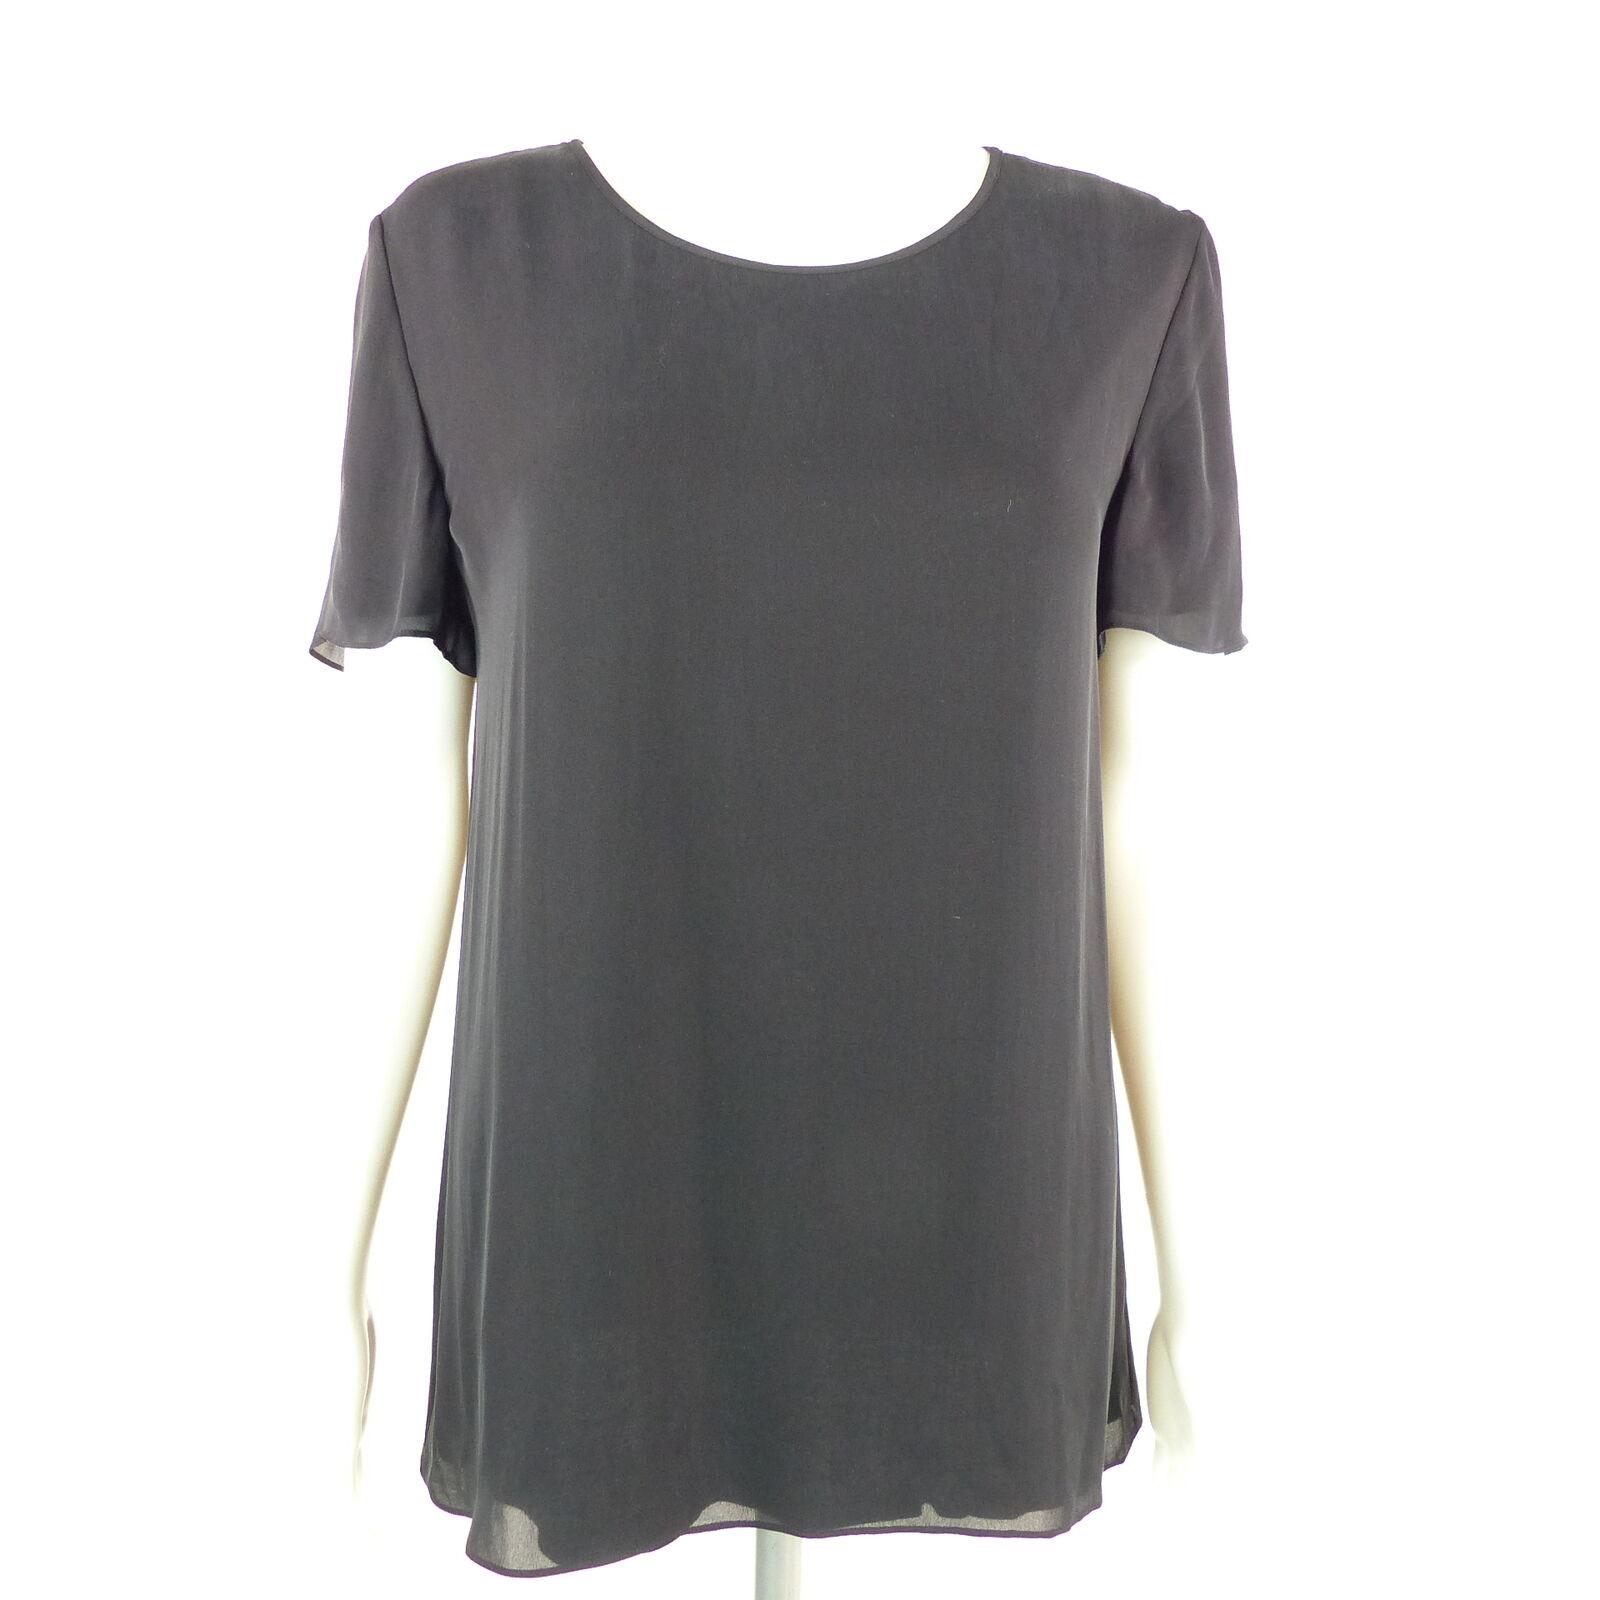 ALEXANDER WANG WANG WANG SeidenBlause Gr. S schwarz Damen Blause Silk Oberteil Shirt Blouse | Genial Und Praktisch  c65ec1